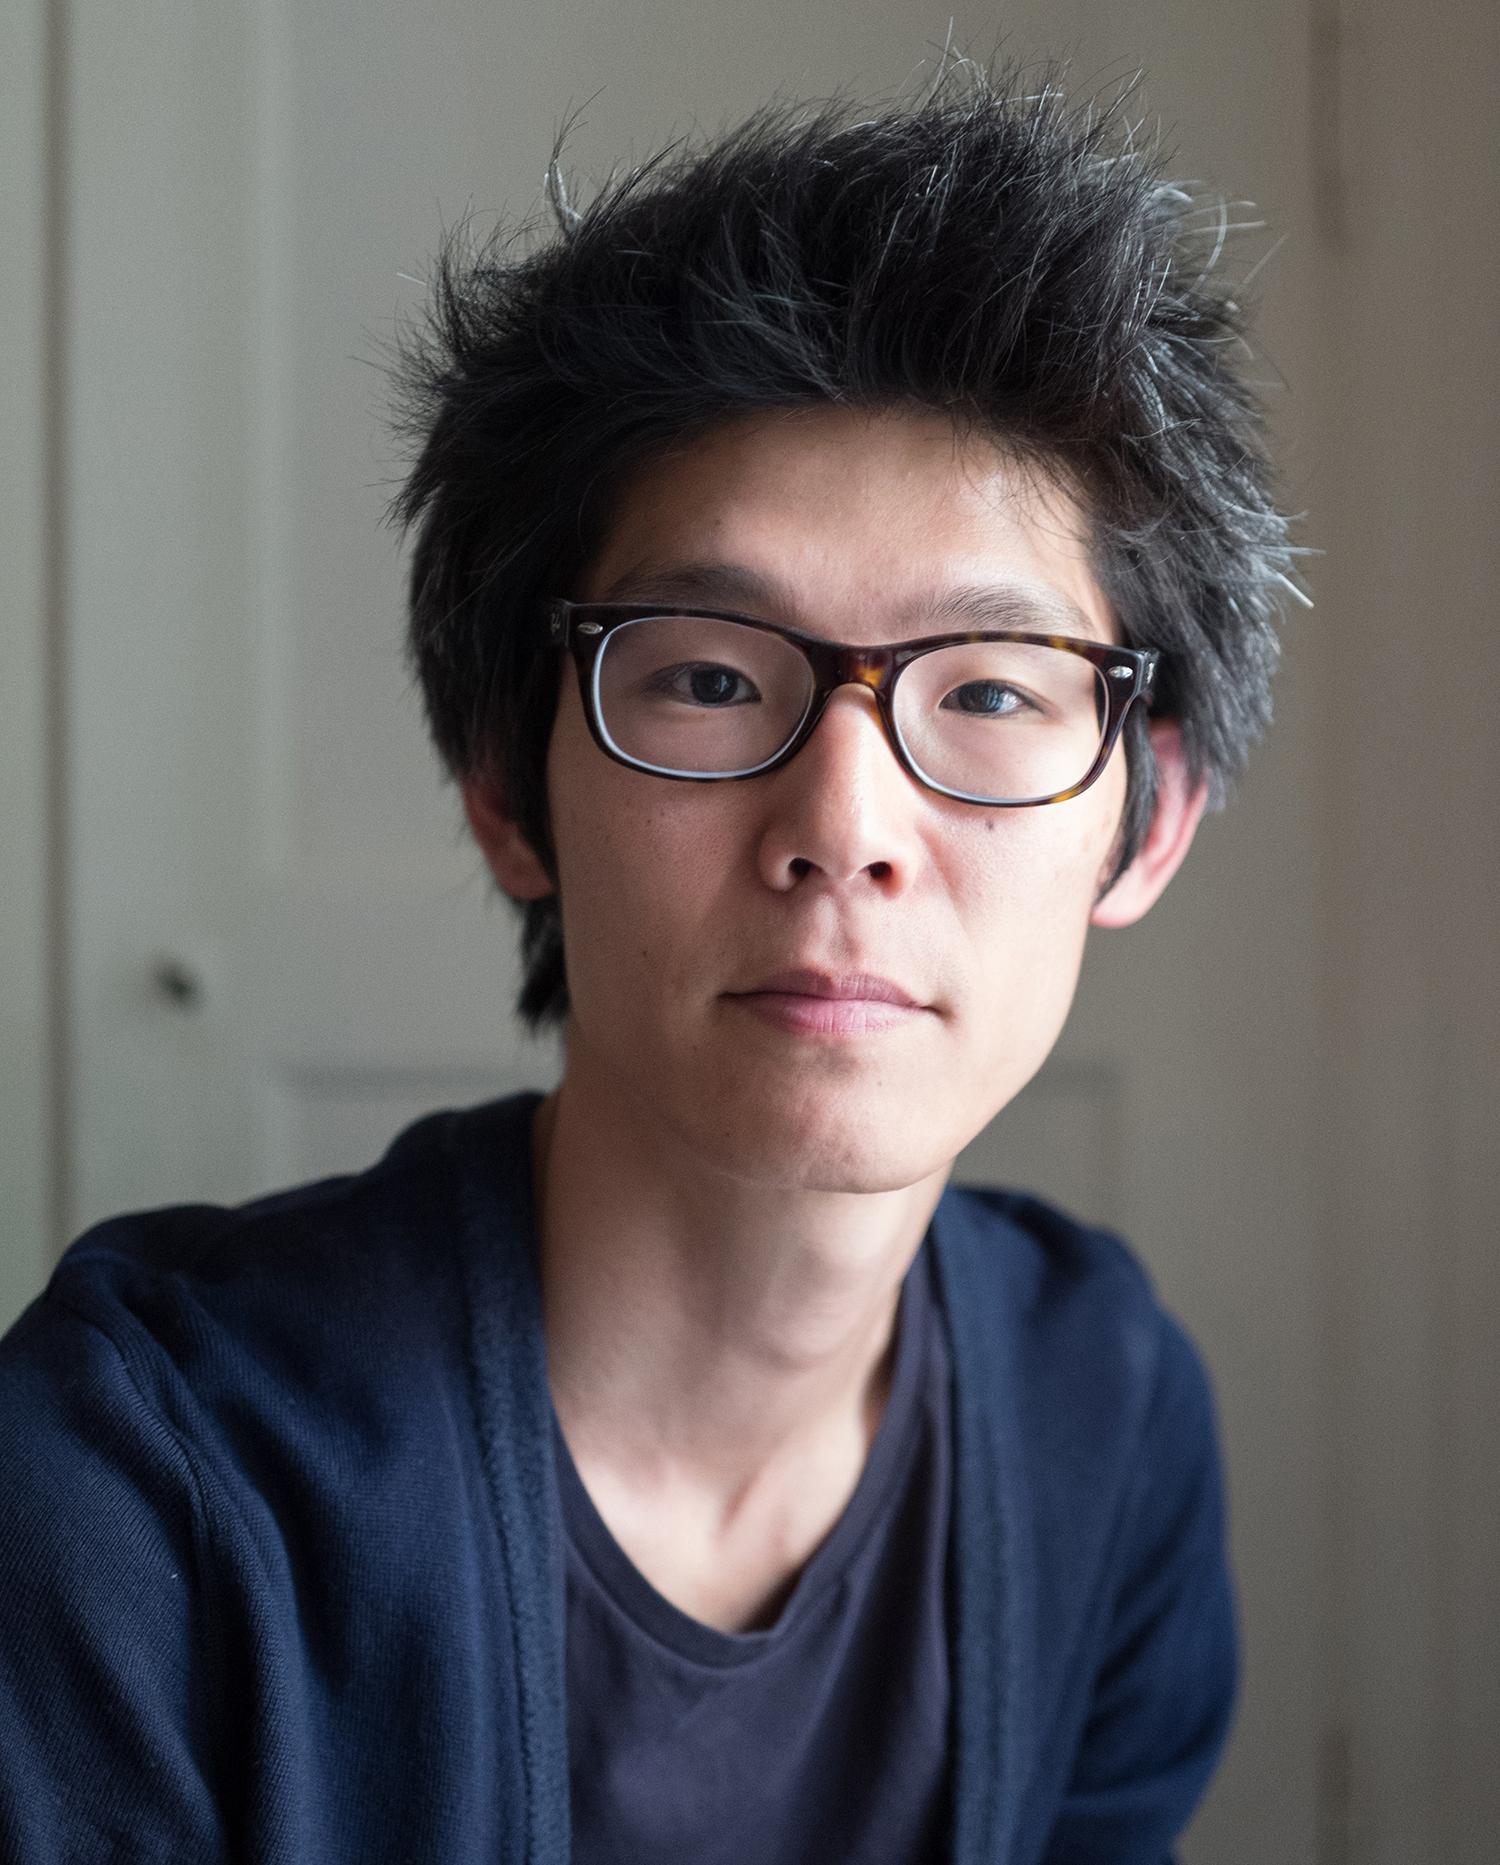 Daisuke Hirabayashi